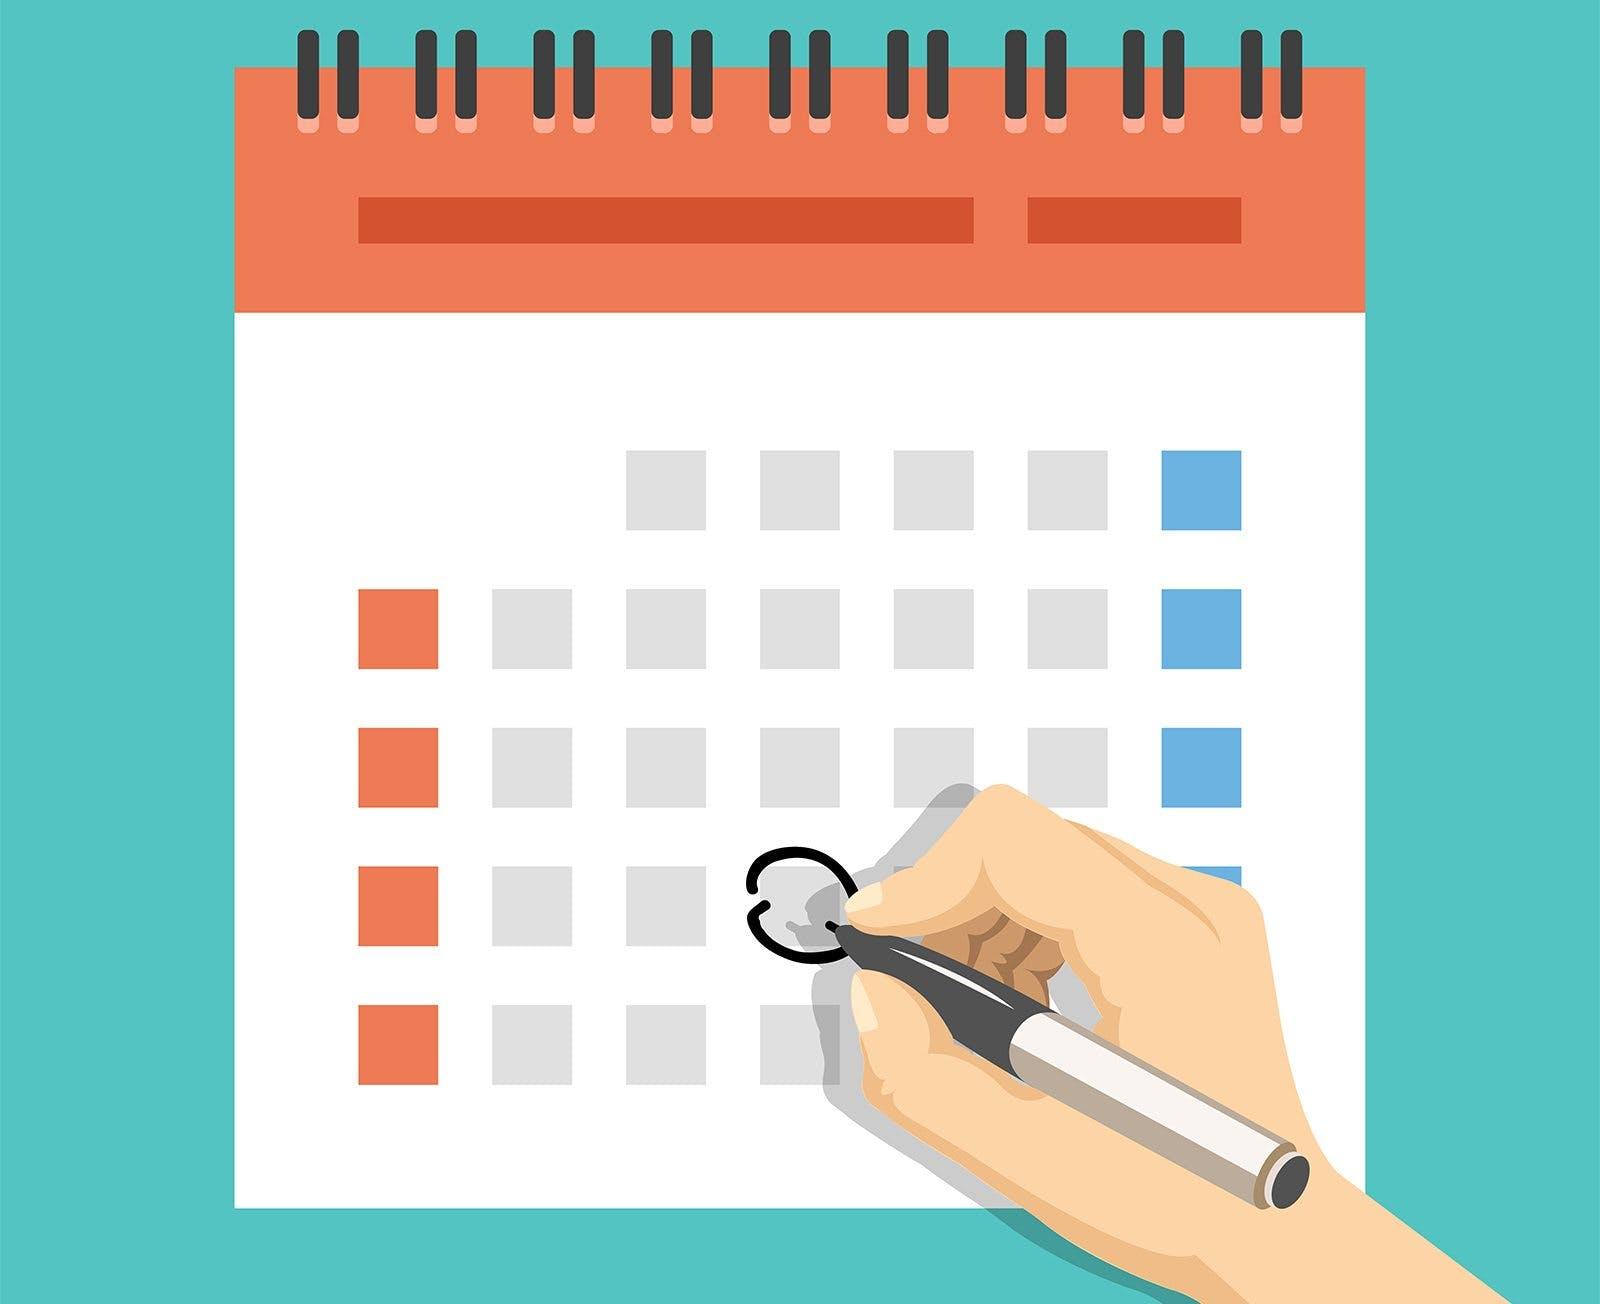 Långa fasteperioder – 24 timmar eller längre